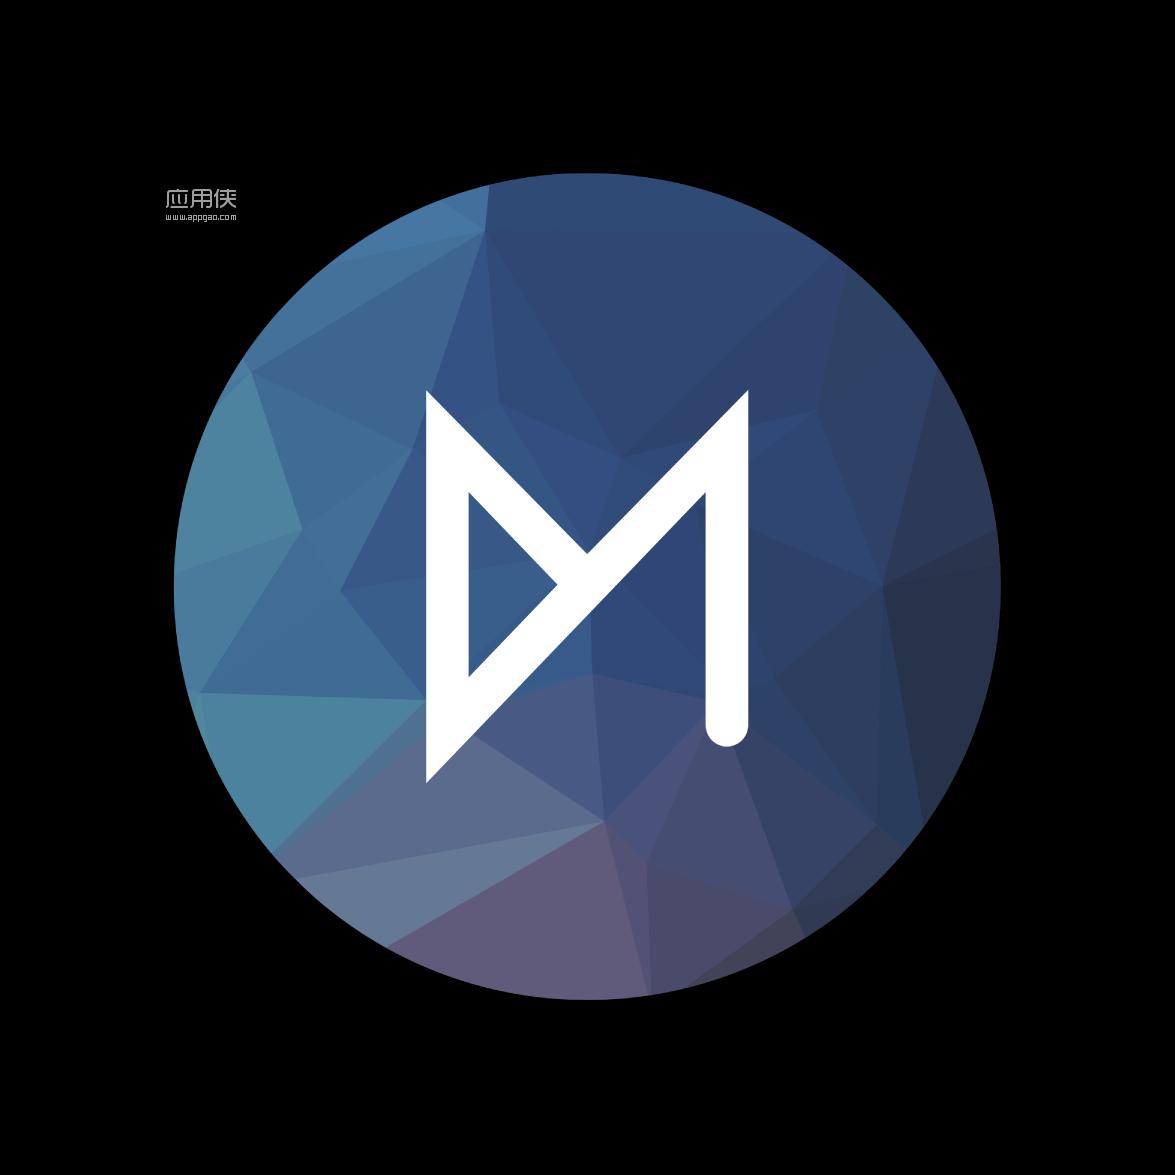 OSMC - 适用于树莓派的开源媒体中心